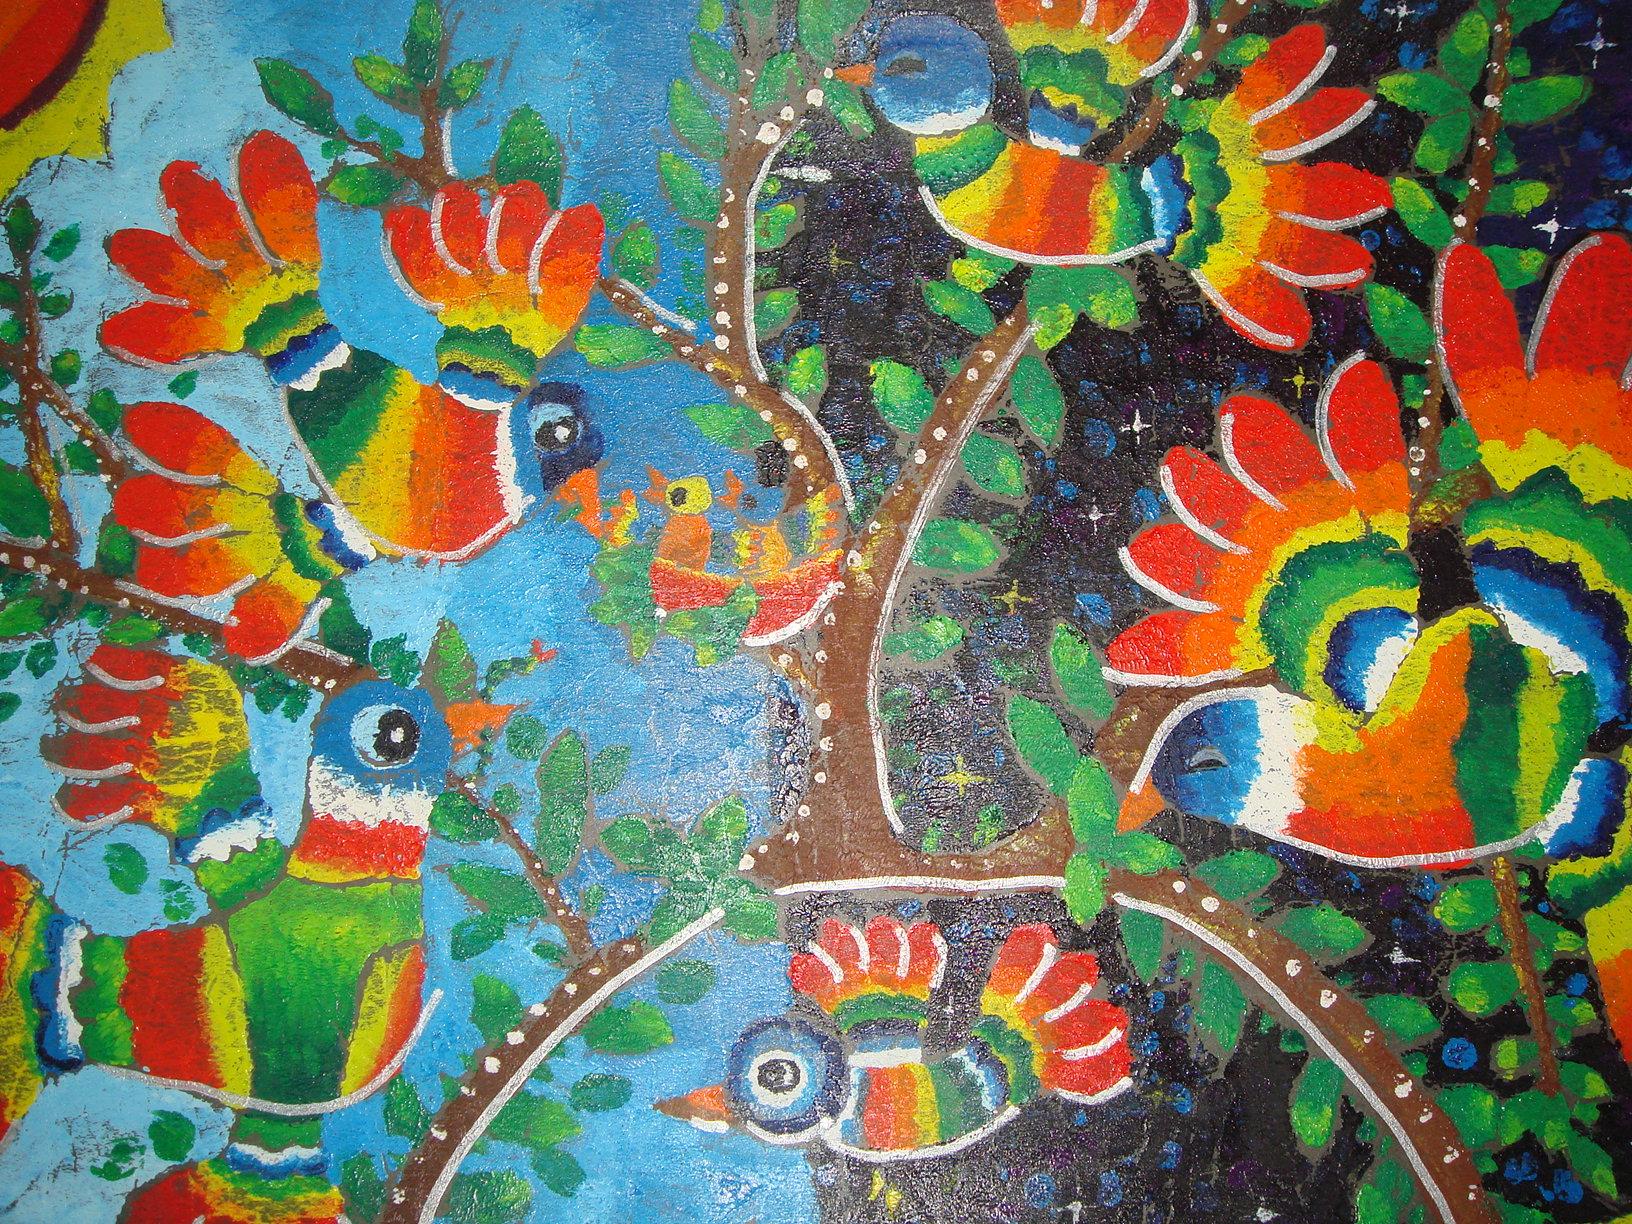 彩虹的画法儿童画图片